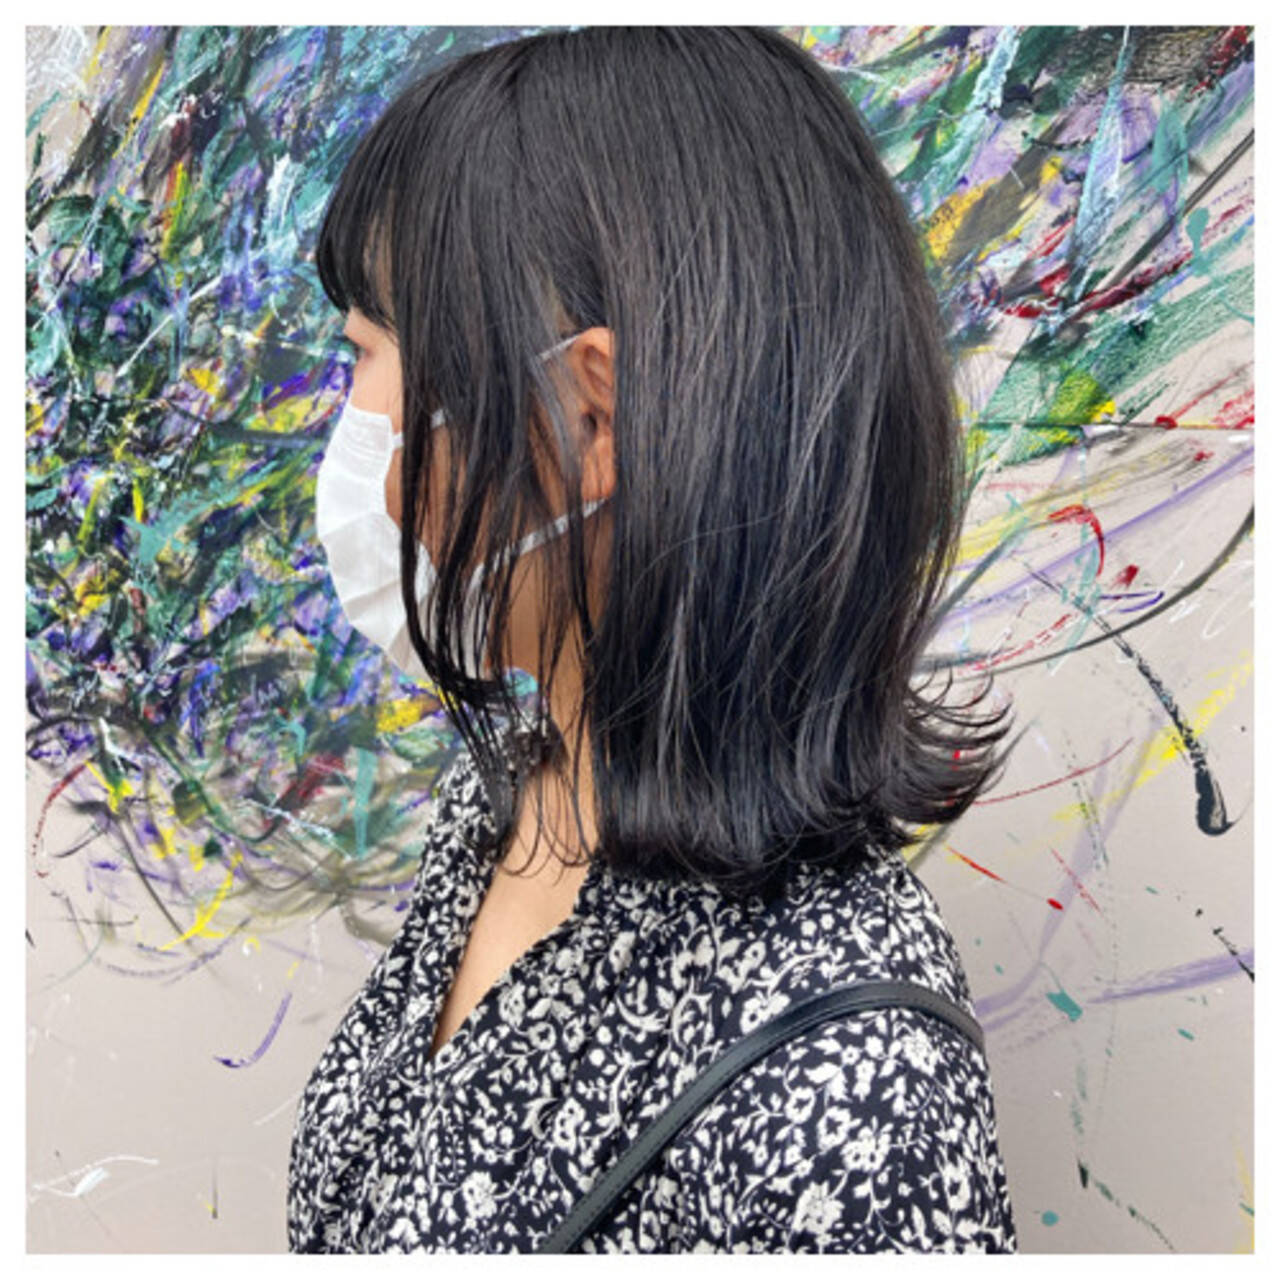 タンバルモリ ボブ 切りっぱなしボブ フェミニンヘアスタイルや髪型の写真・画像